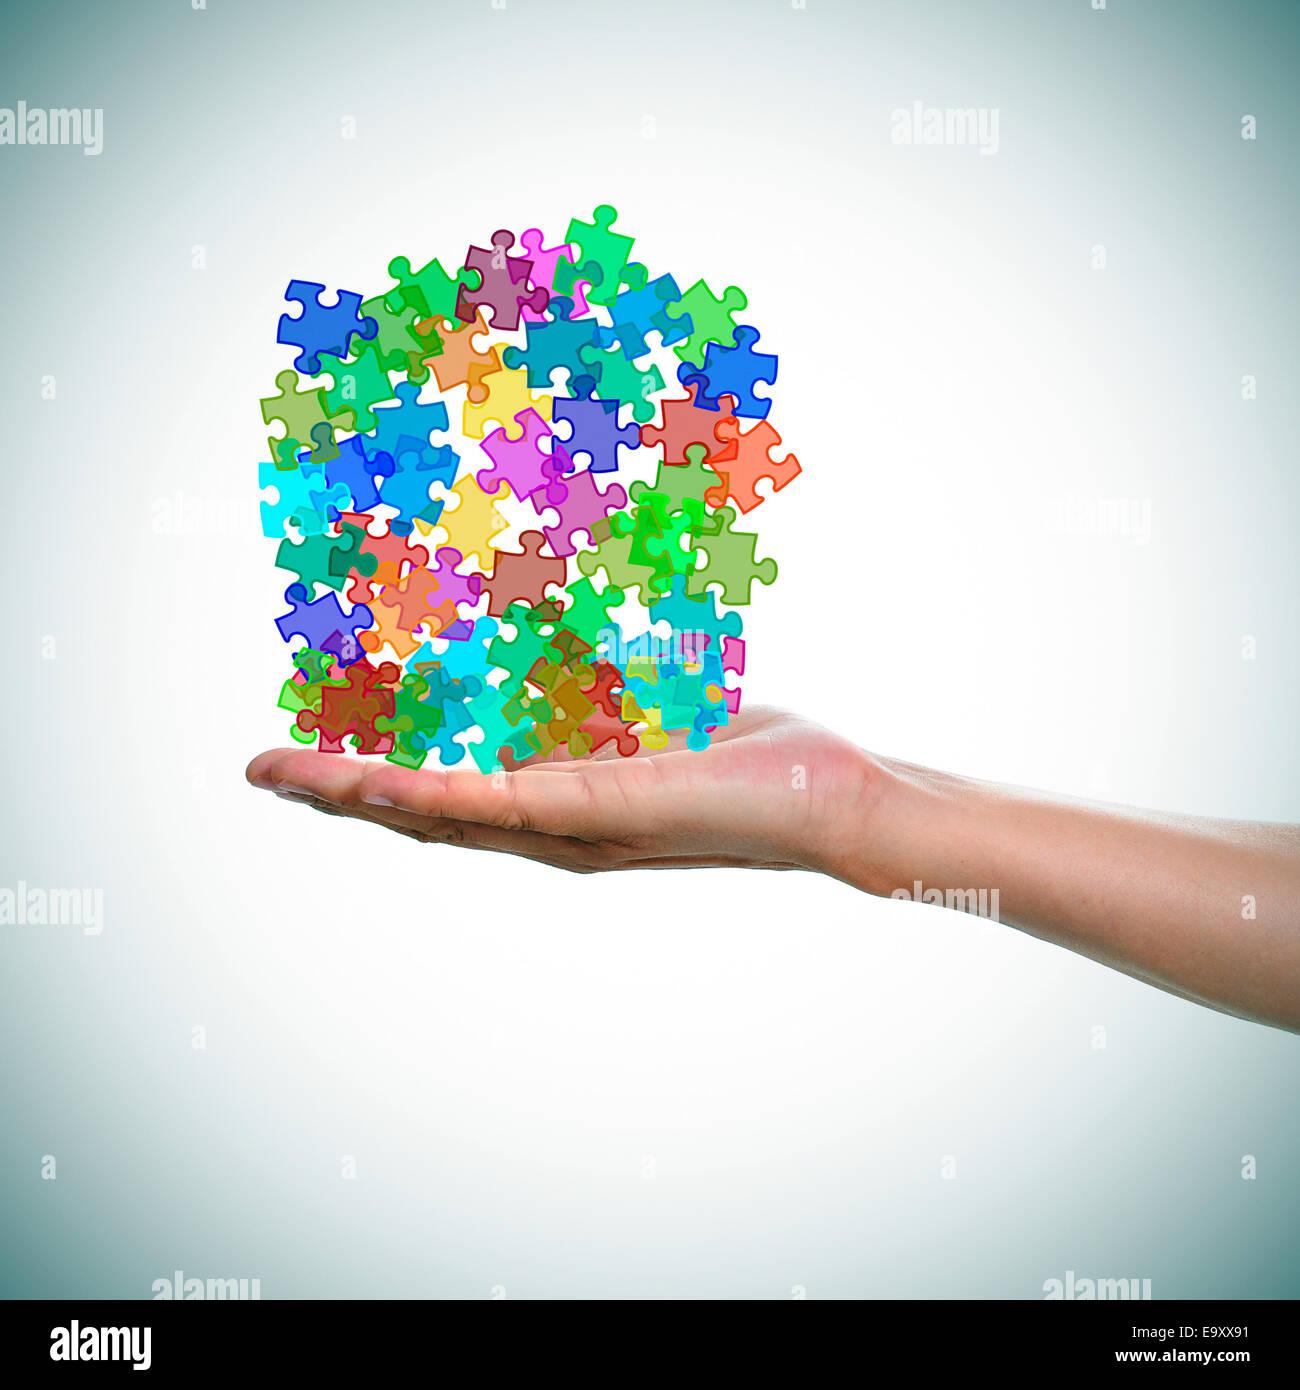 eine Hand des Mannes mit einem Haufen von Puzzle-Teile in verschiedenen Farben als Symbol für den Autismus Stockbild